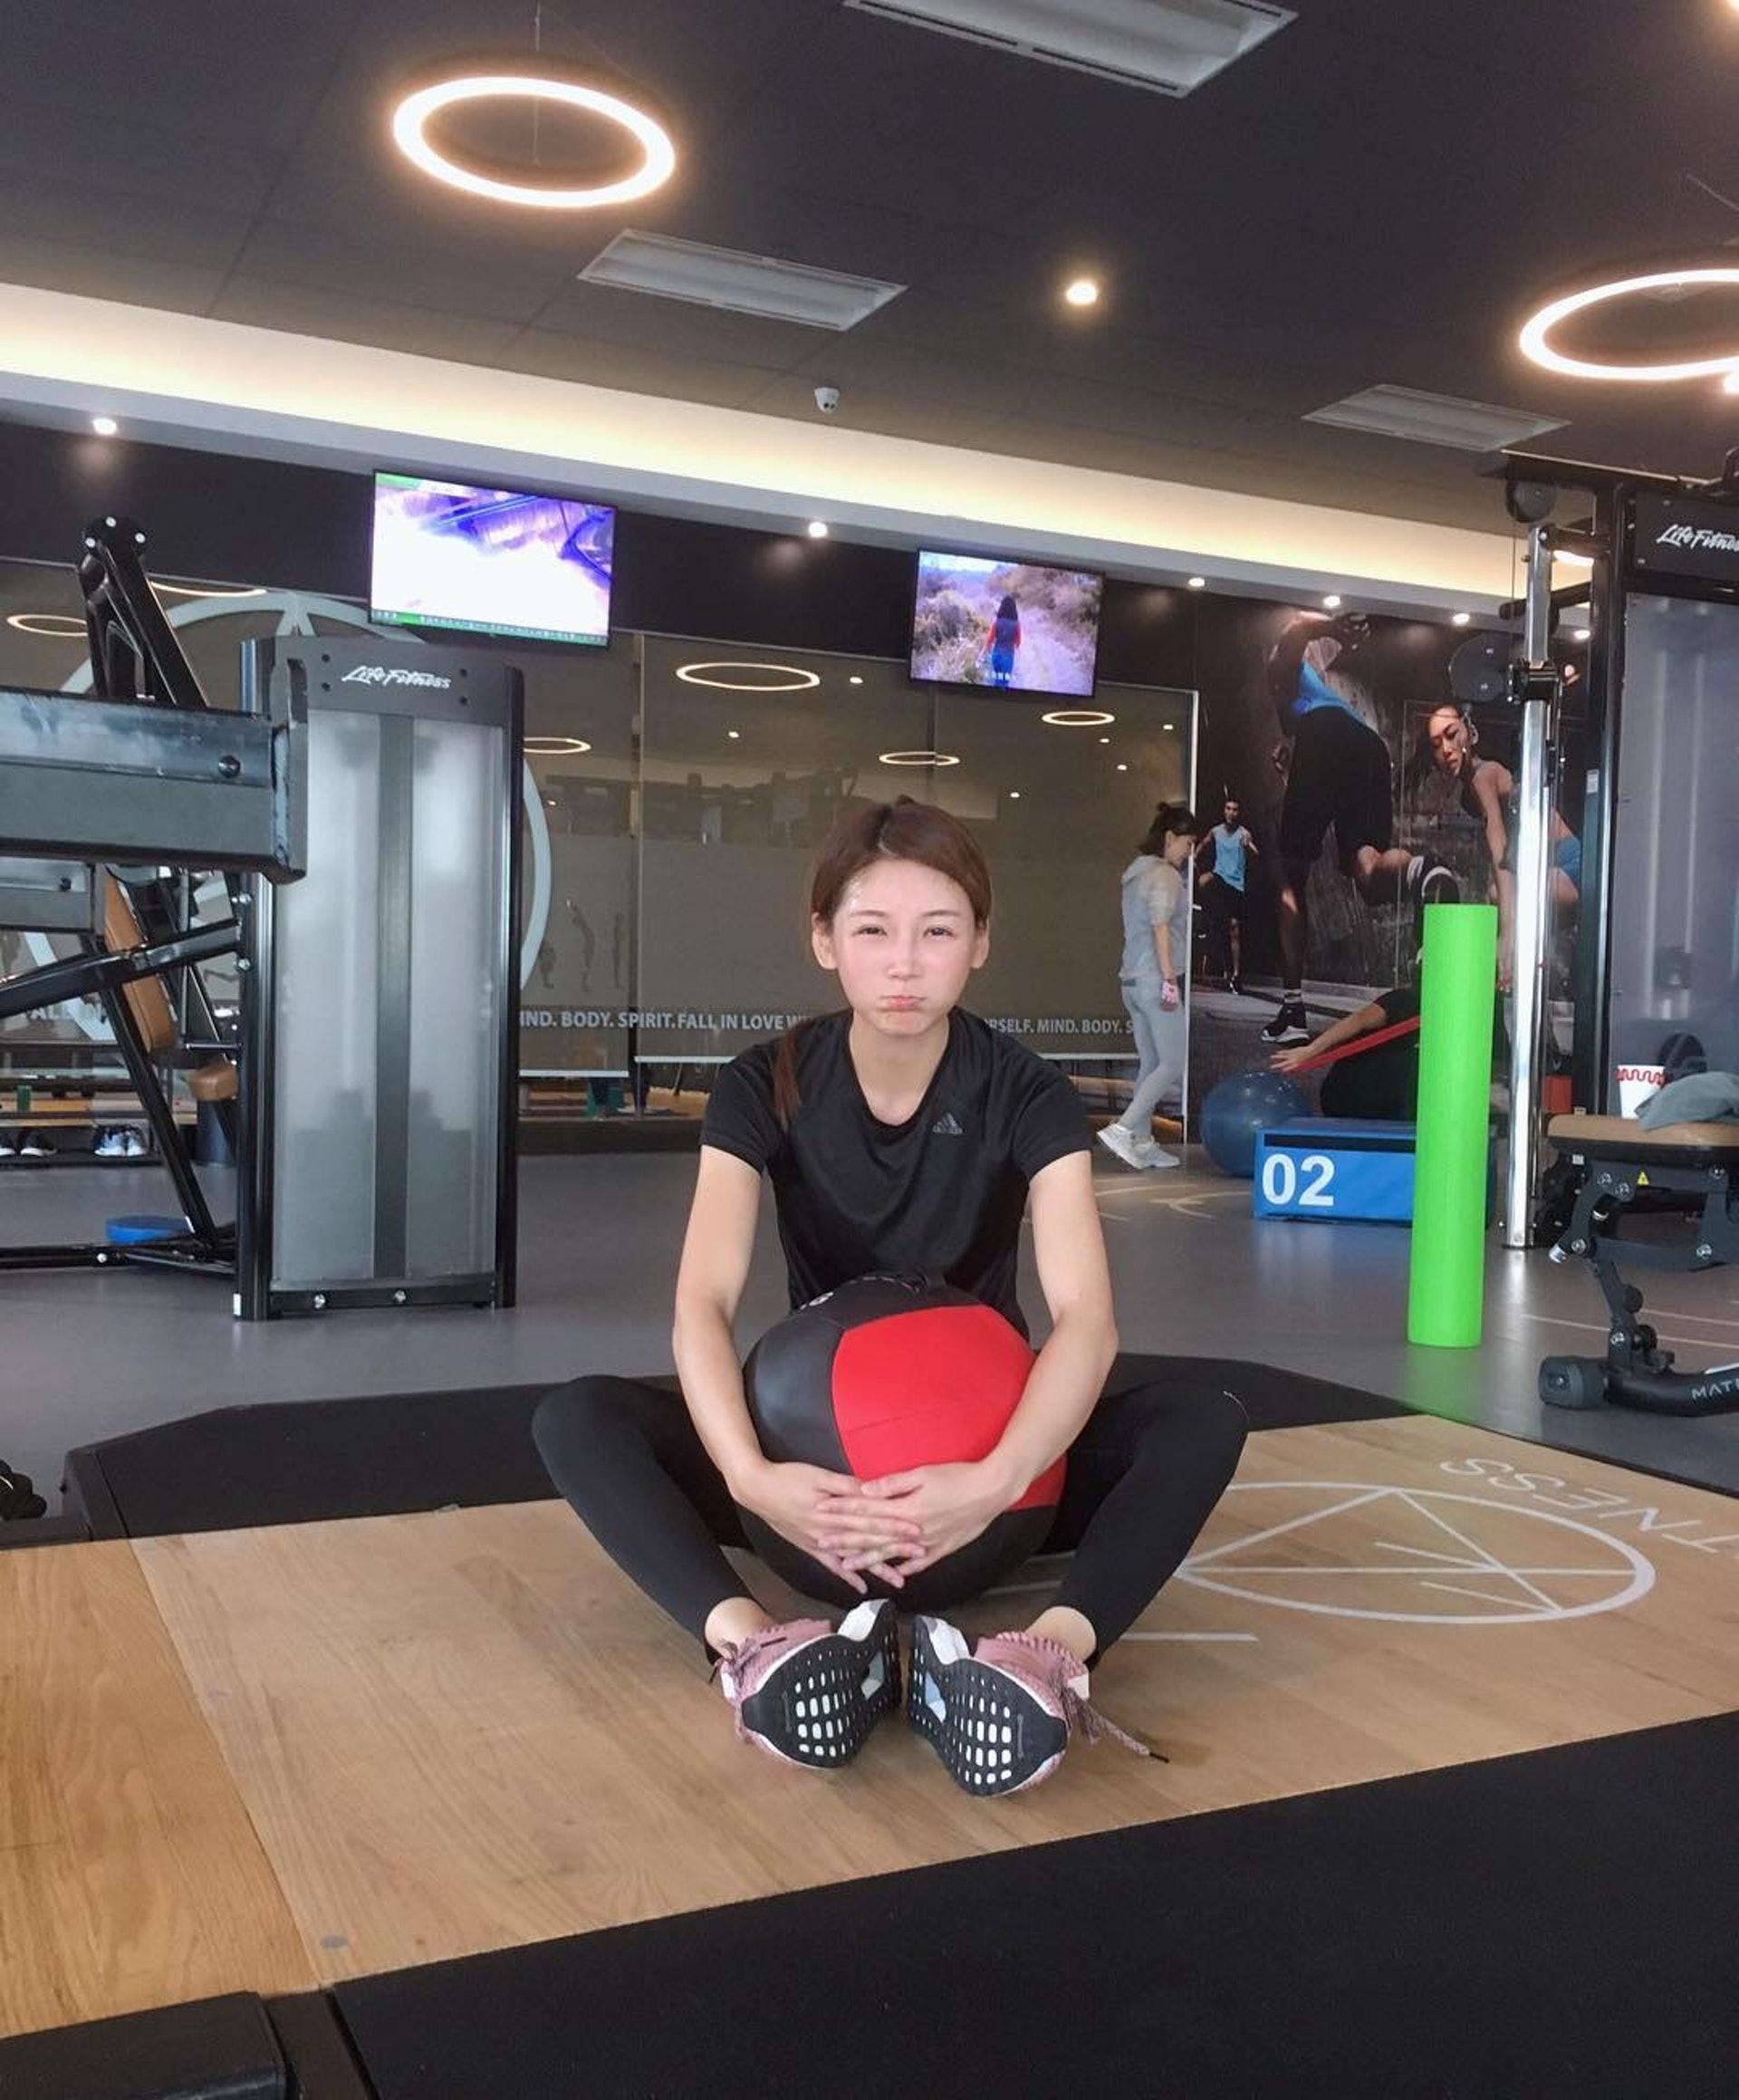 簡淑兒話自己用咗半年時間先練成六舊腹肌。(IG圖片)